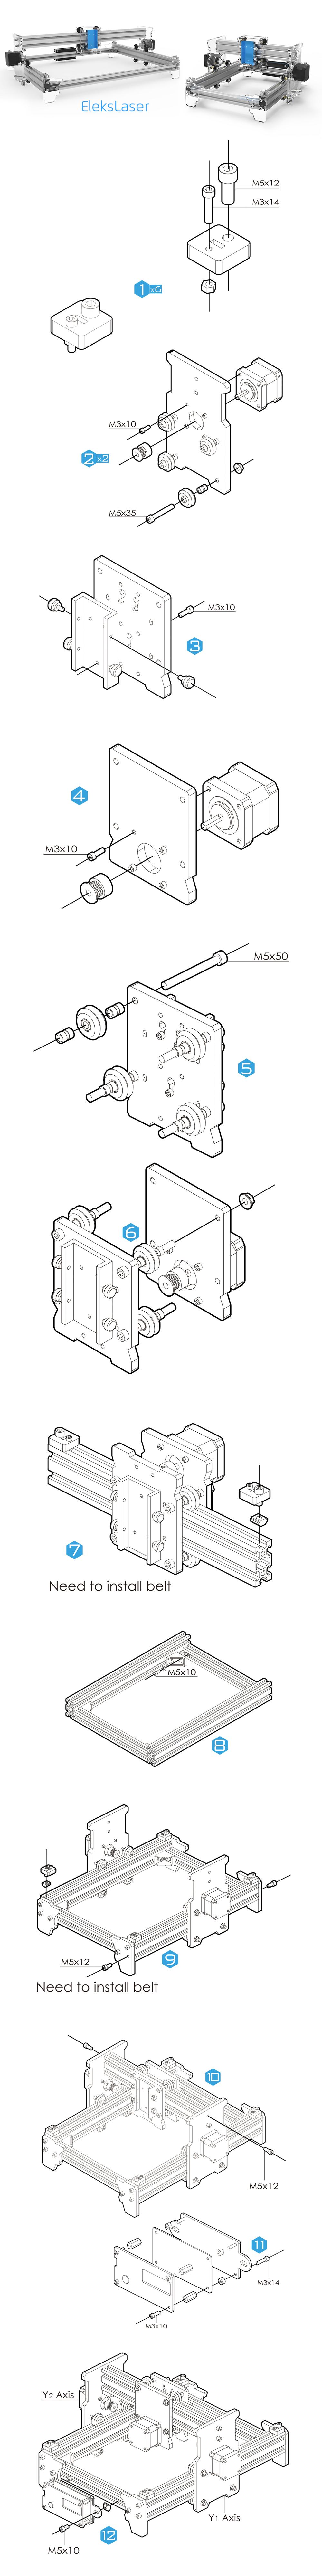 0_1487844753012_Laser组装-1000.jpg